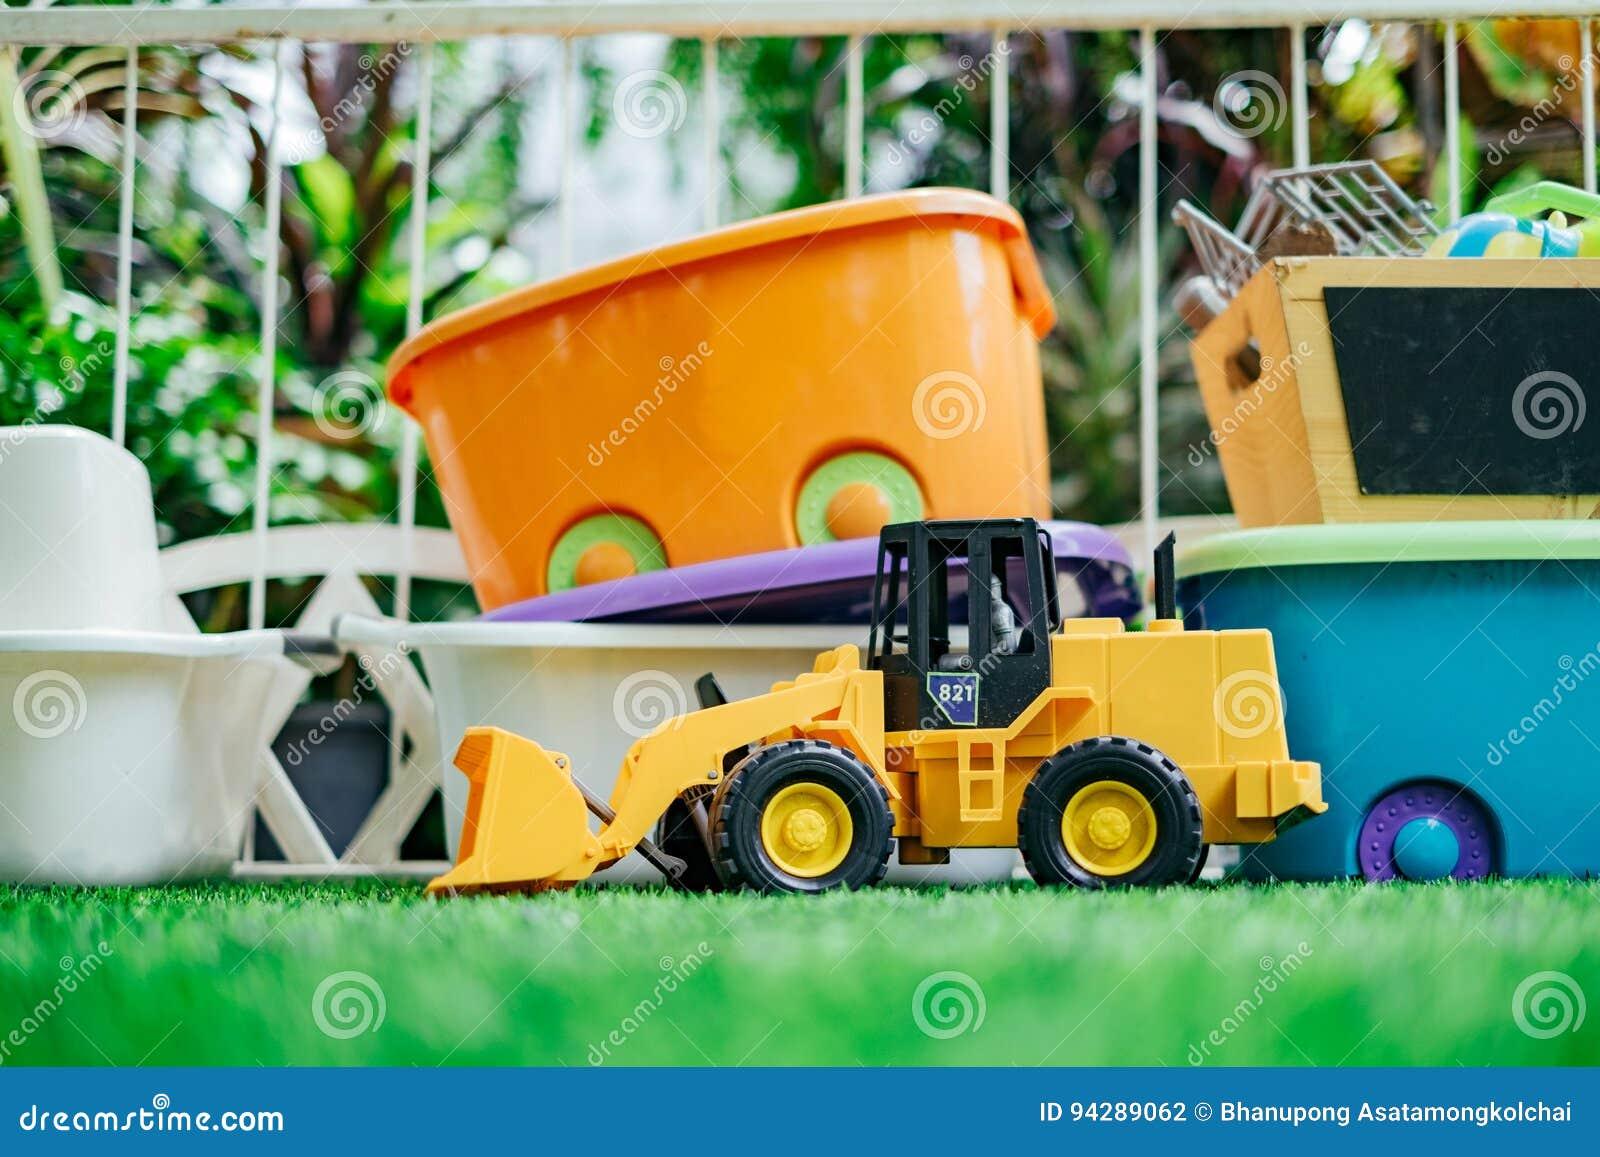 Tracktor-Spielzeugauto mit Spielzeugkisten im Garten